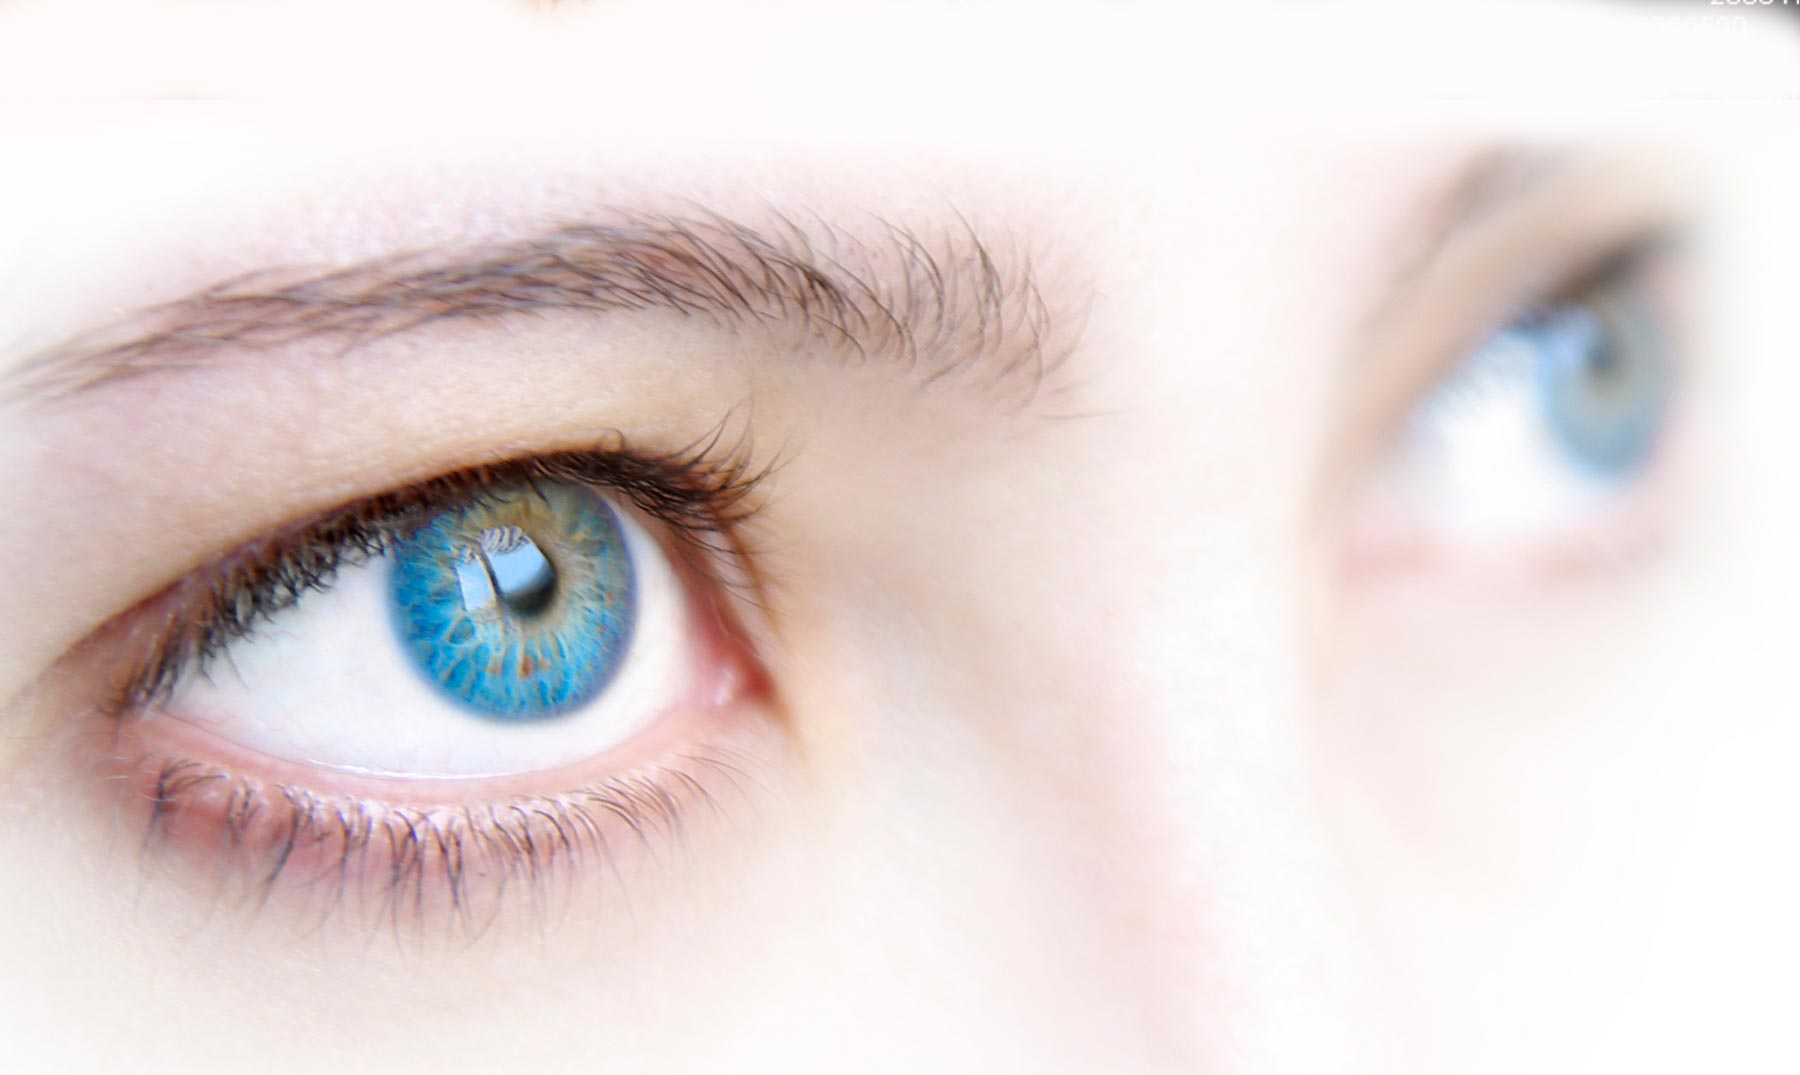 Tienes los ojos azules? En realidad, son marrones